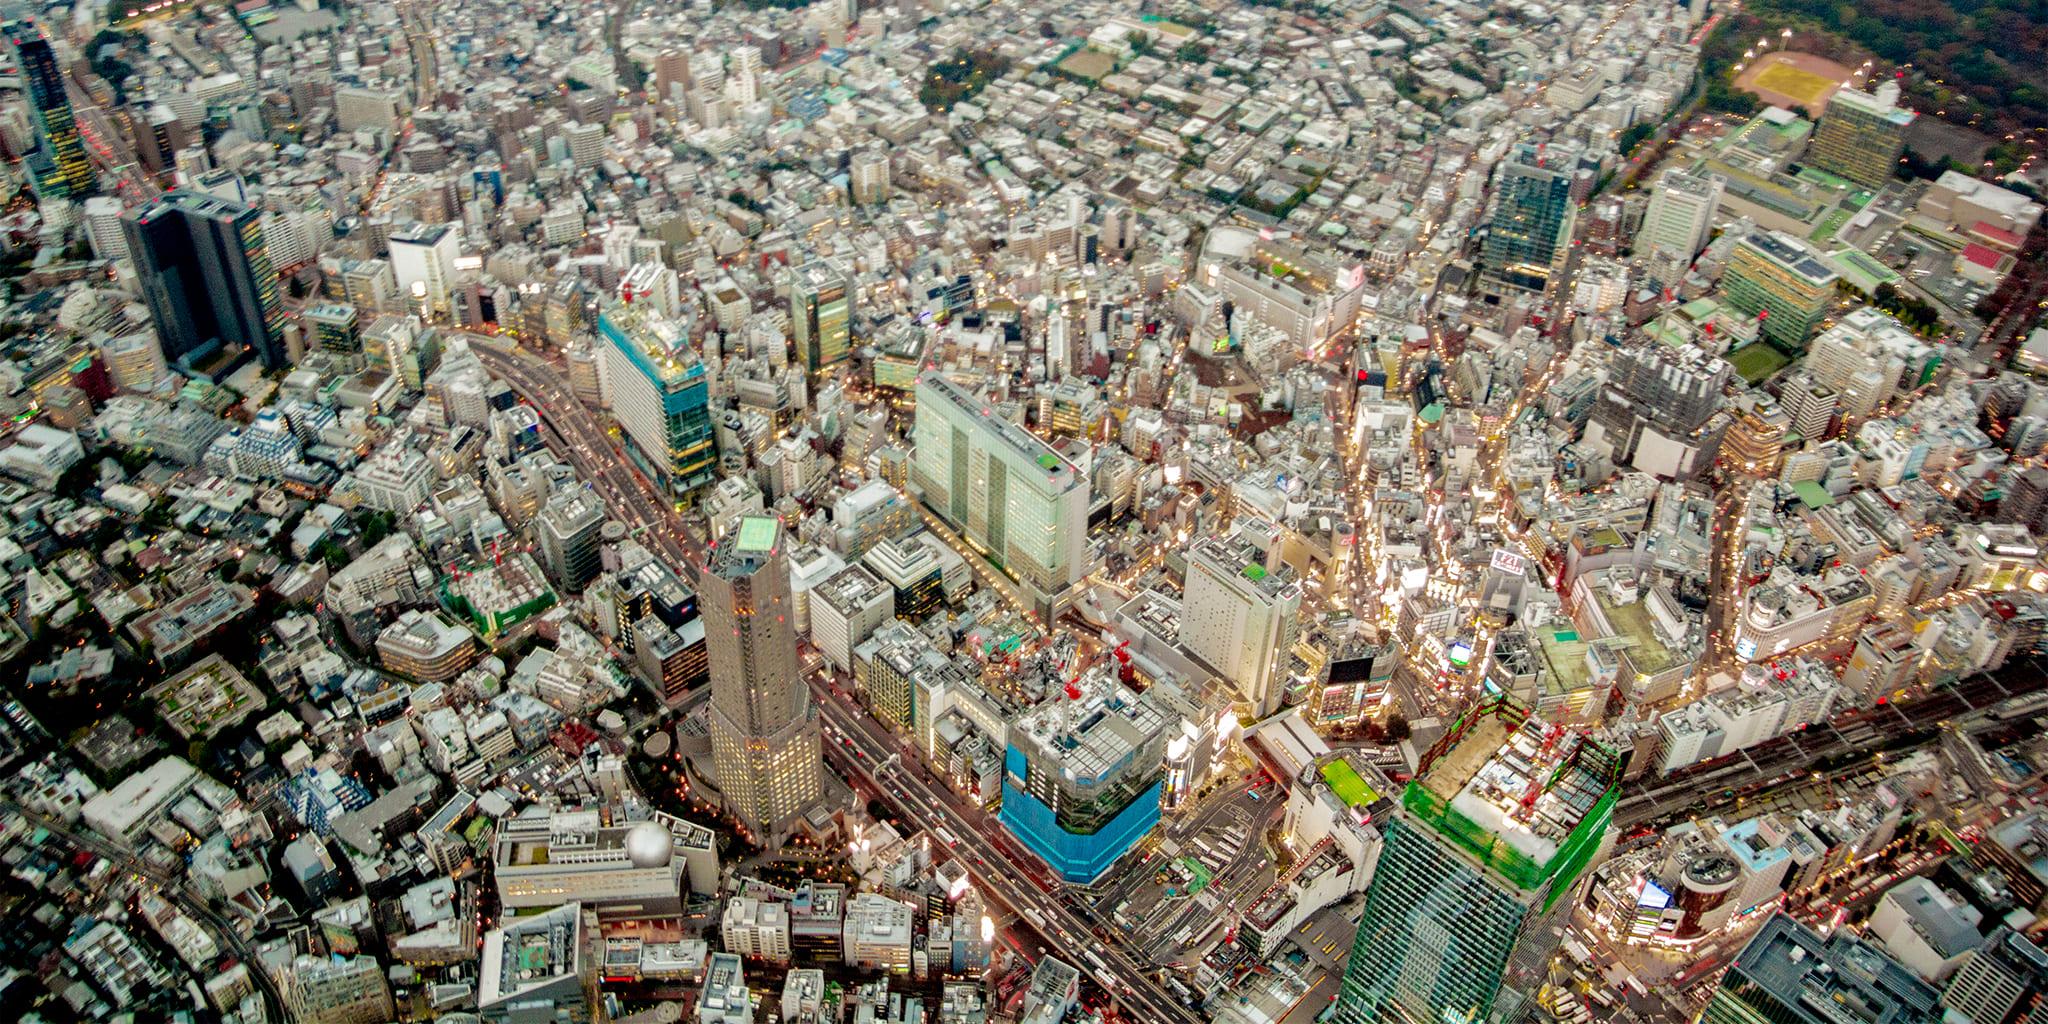 ヘリコプターで東京上空をフライトして見える渋谷